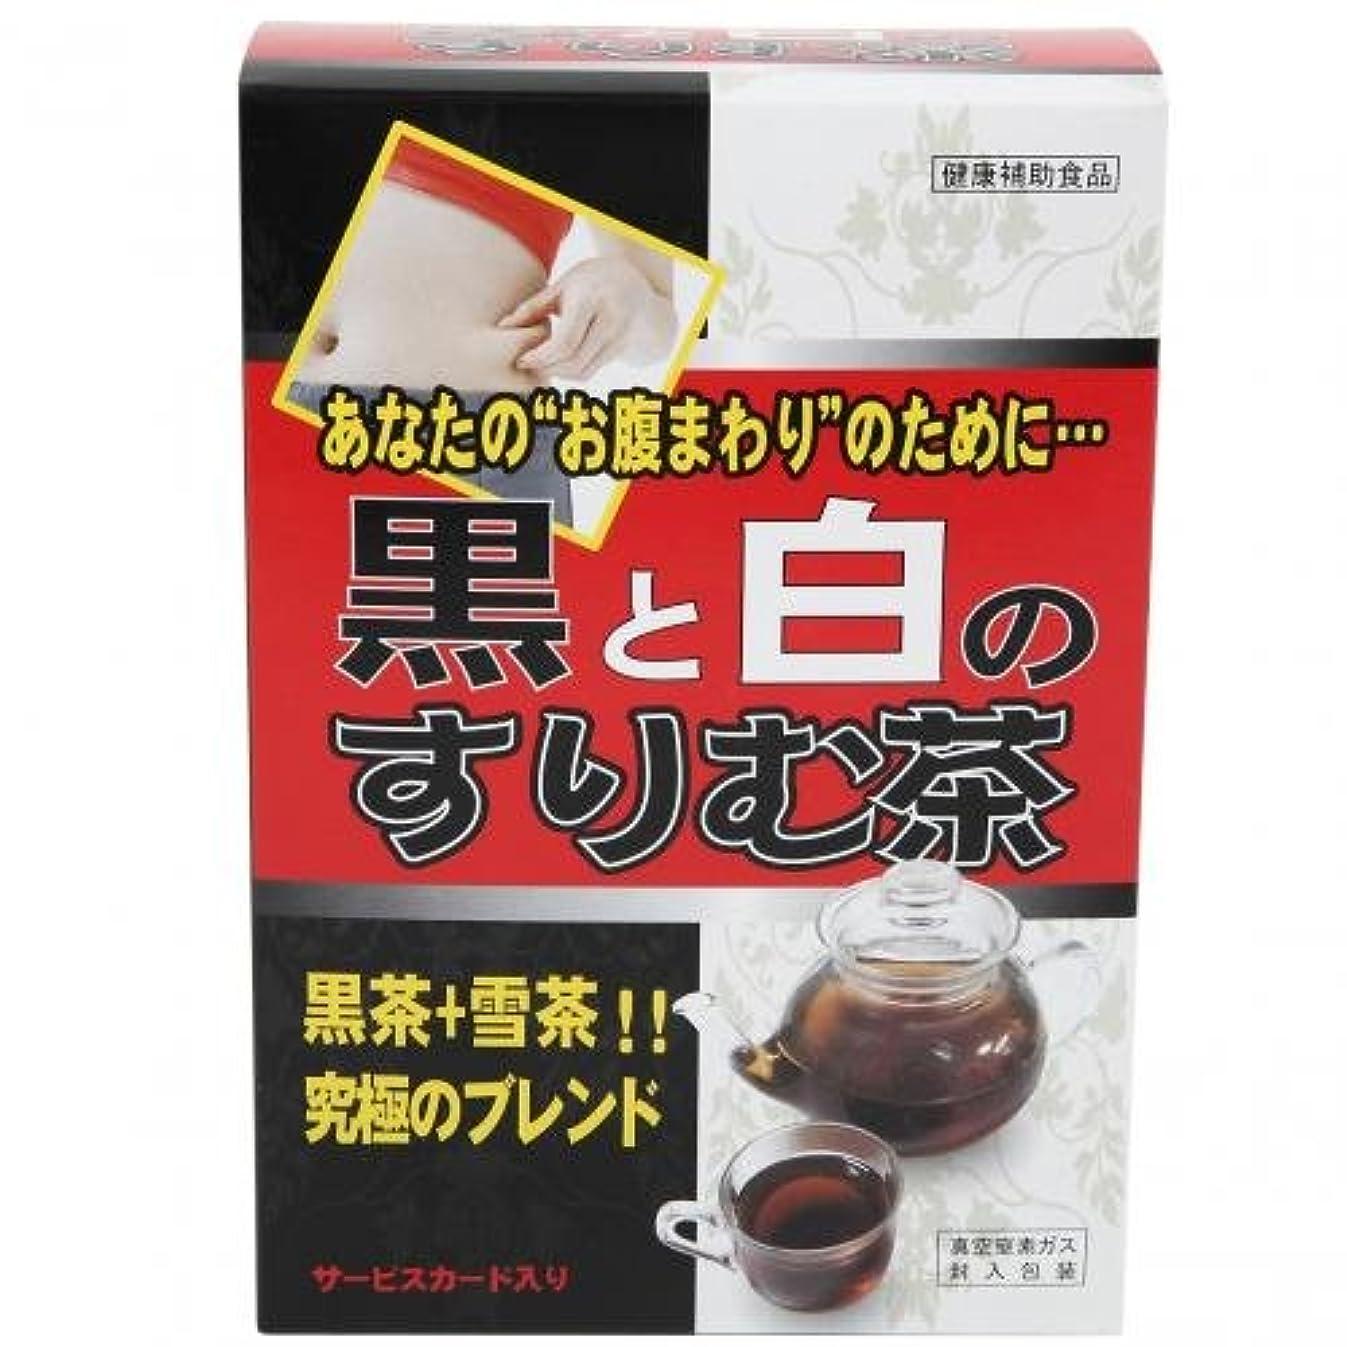 ペナルティほのめかす持参共栄黒と白のすりむ茶 24包